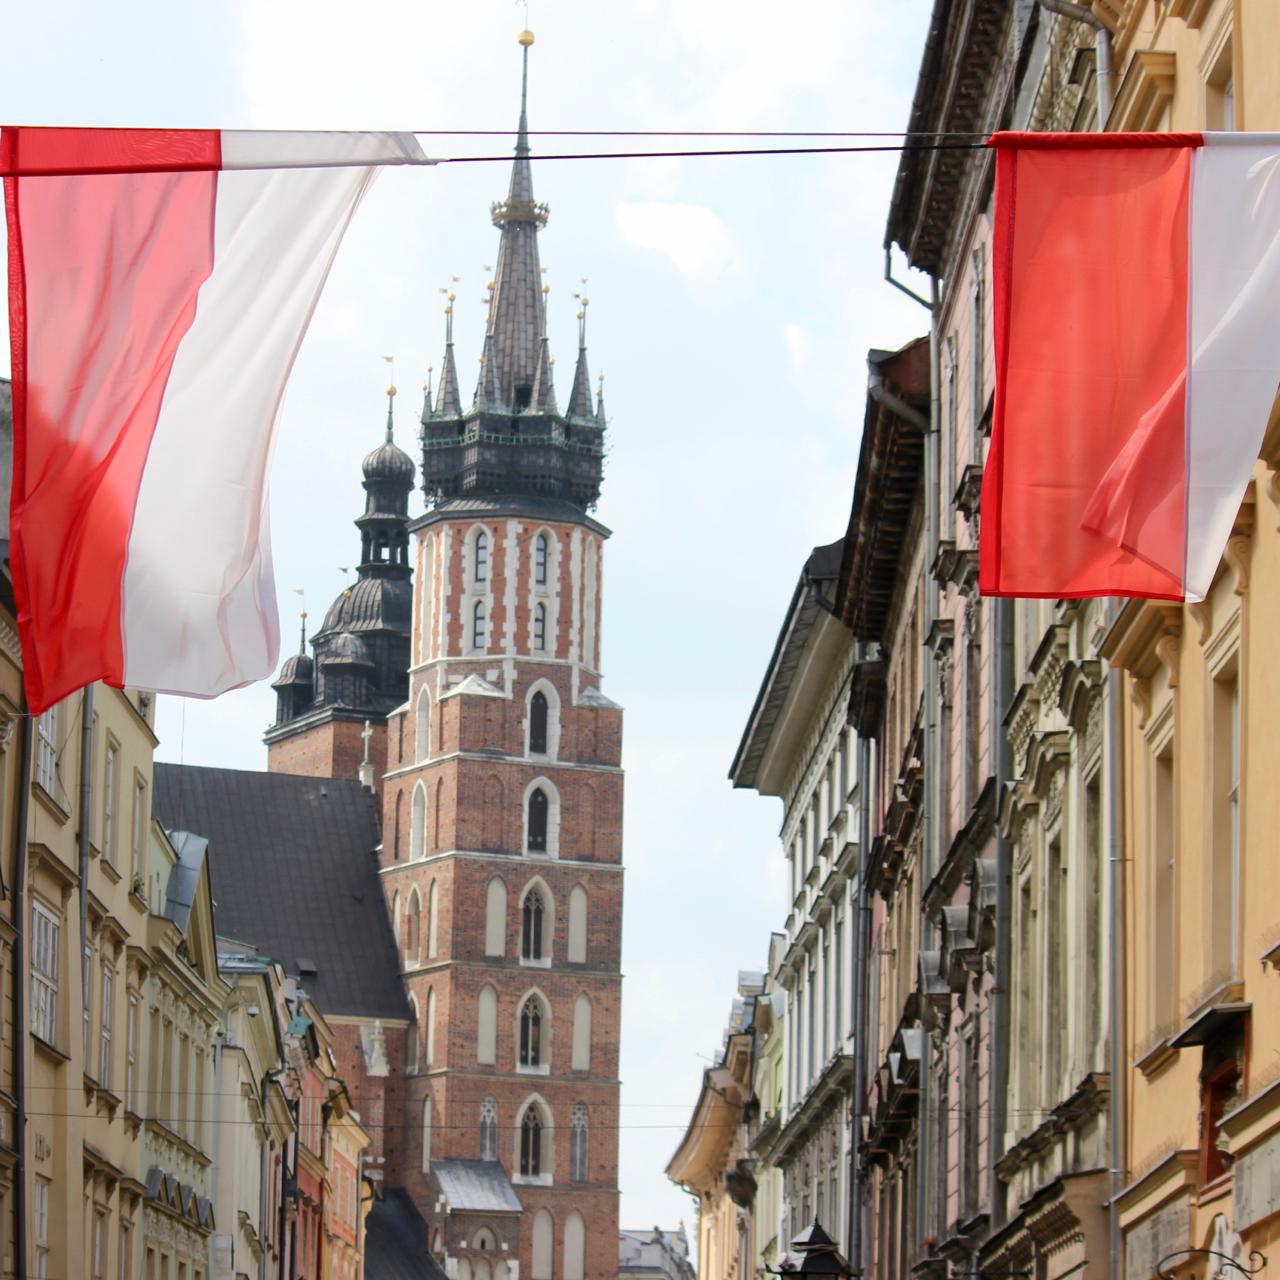 Krakow, Poland - 8